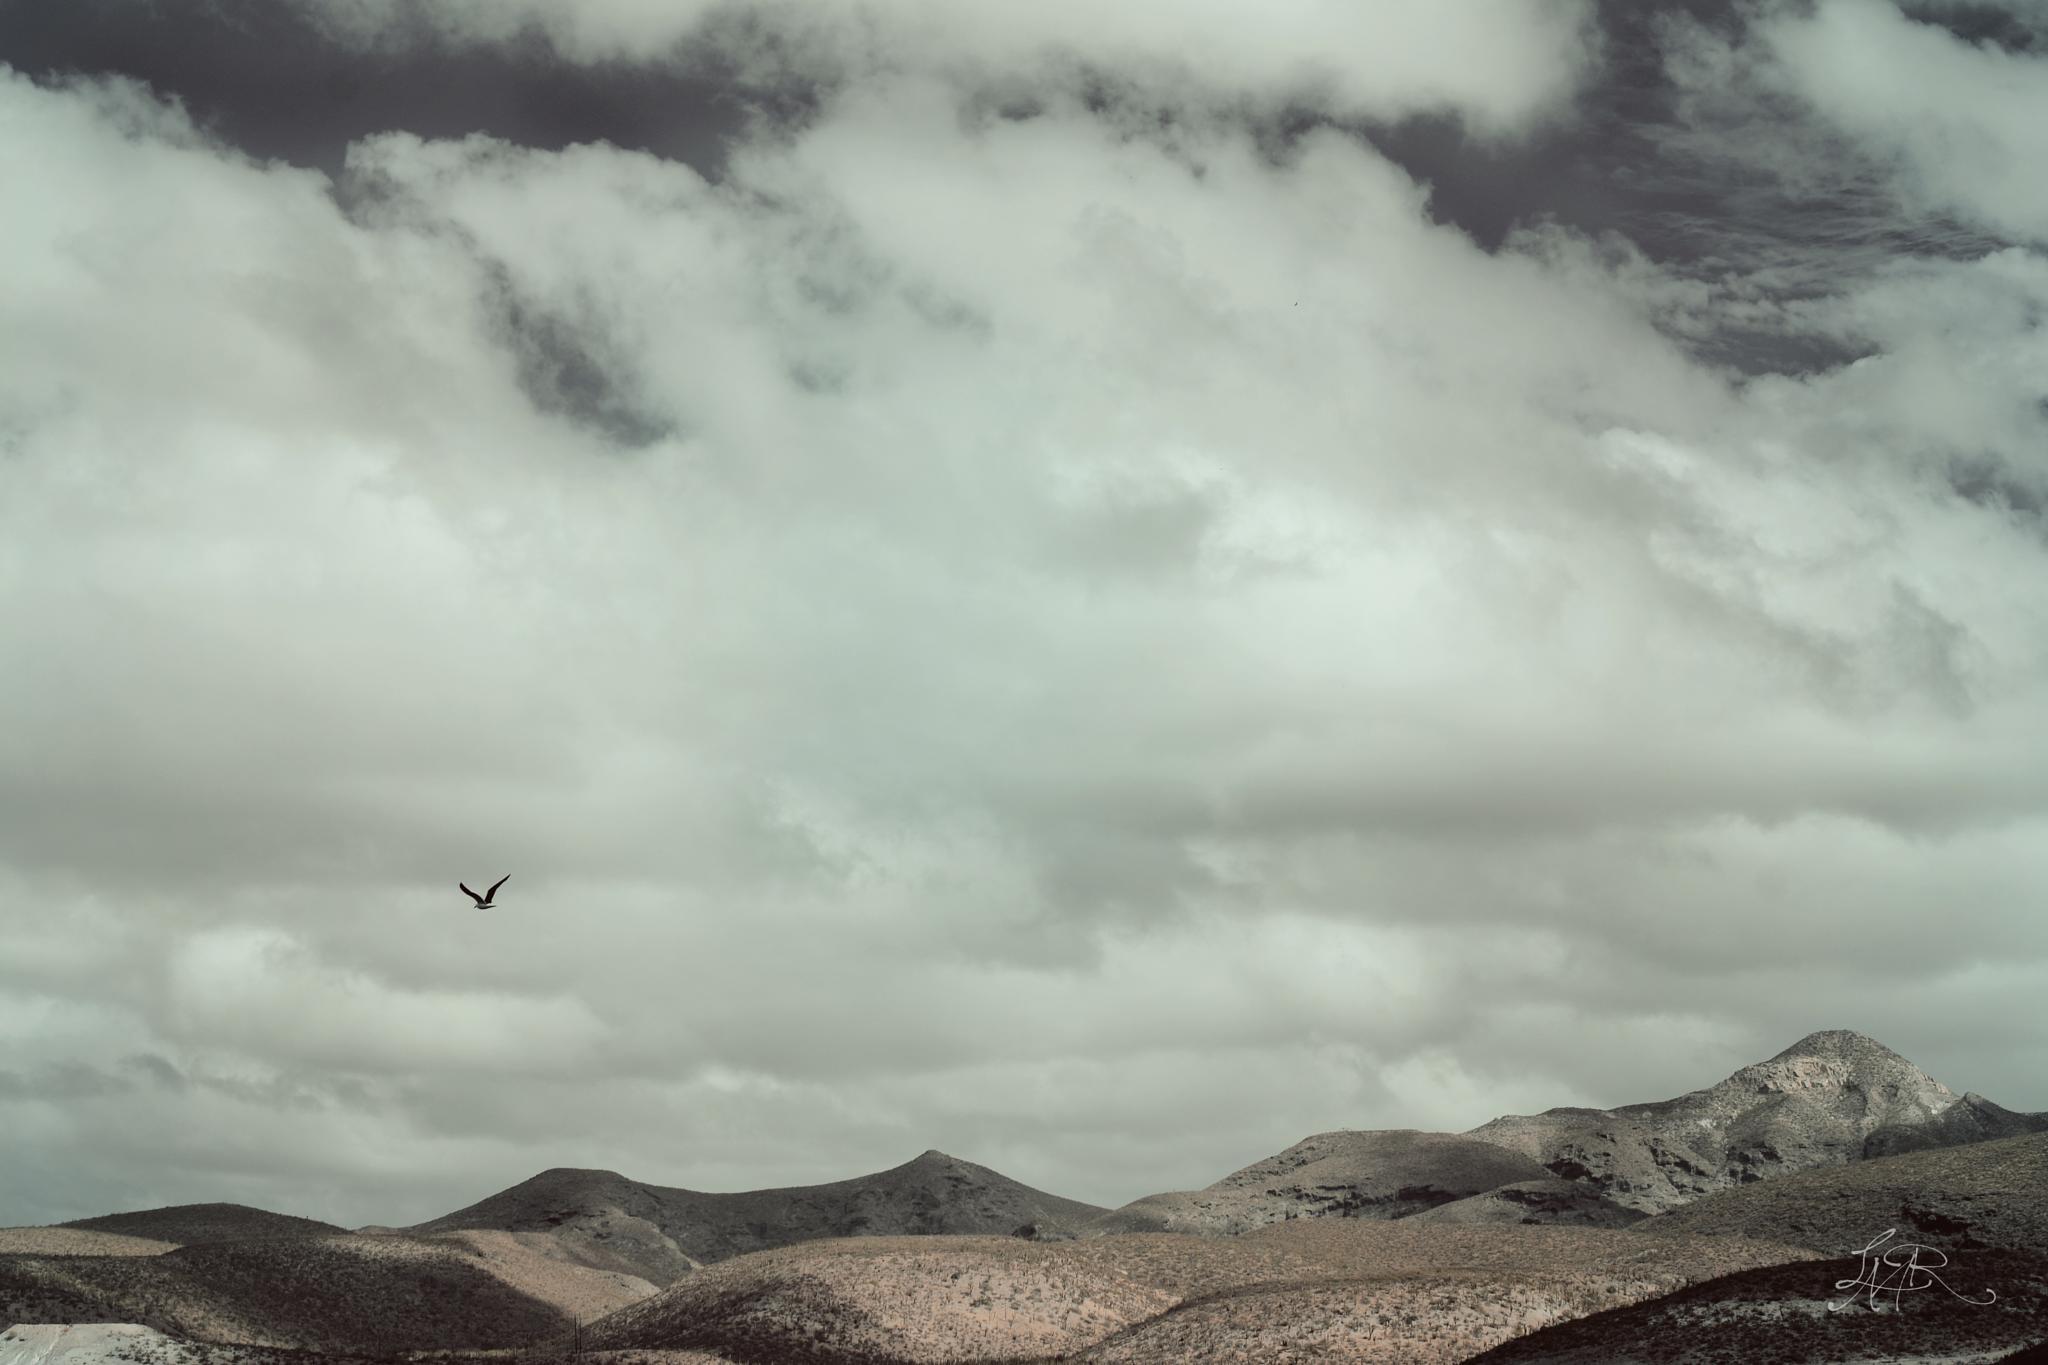 Montañas de la Paz, Méx.  by Lari Moreno